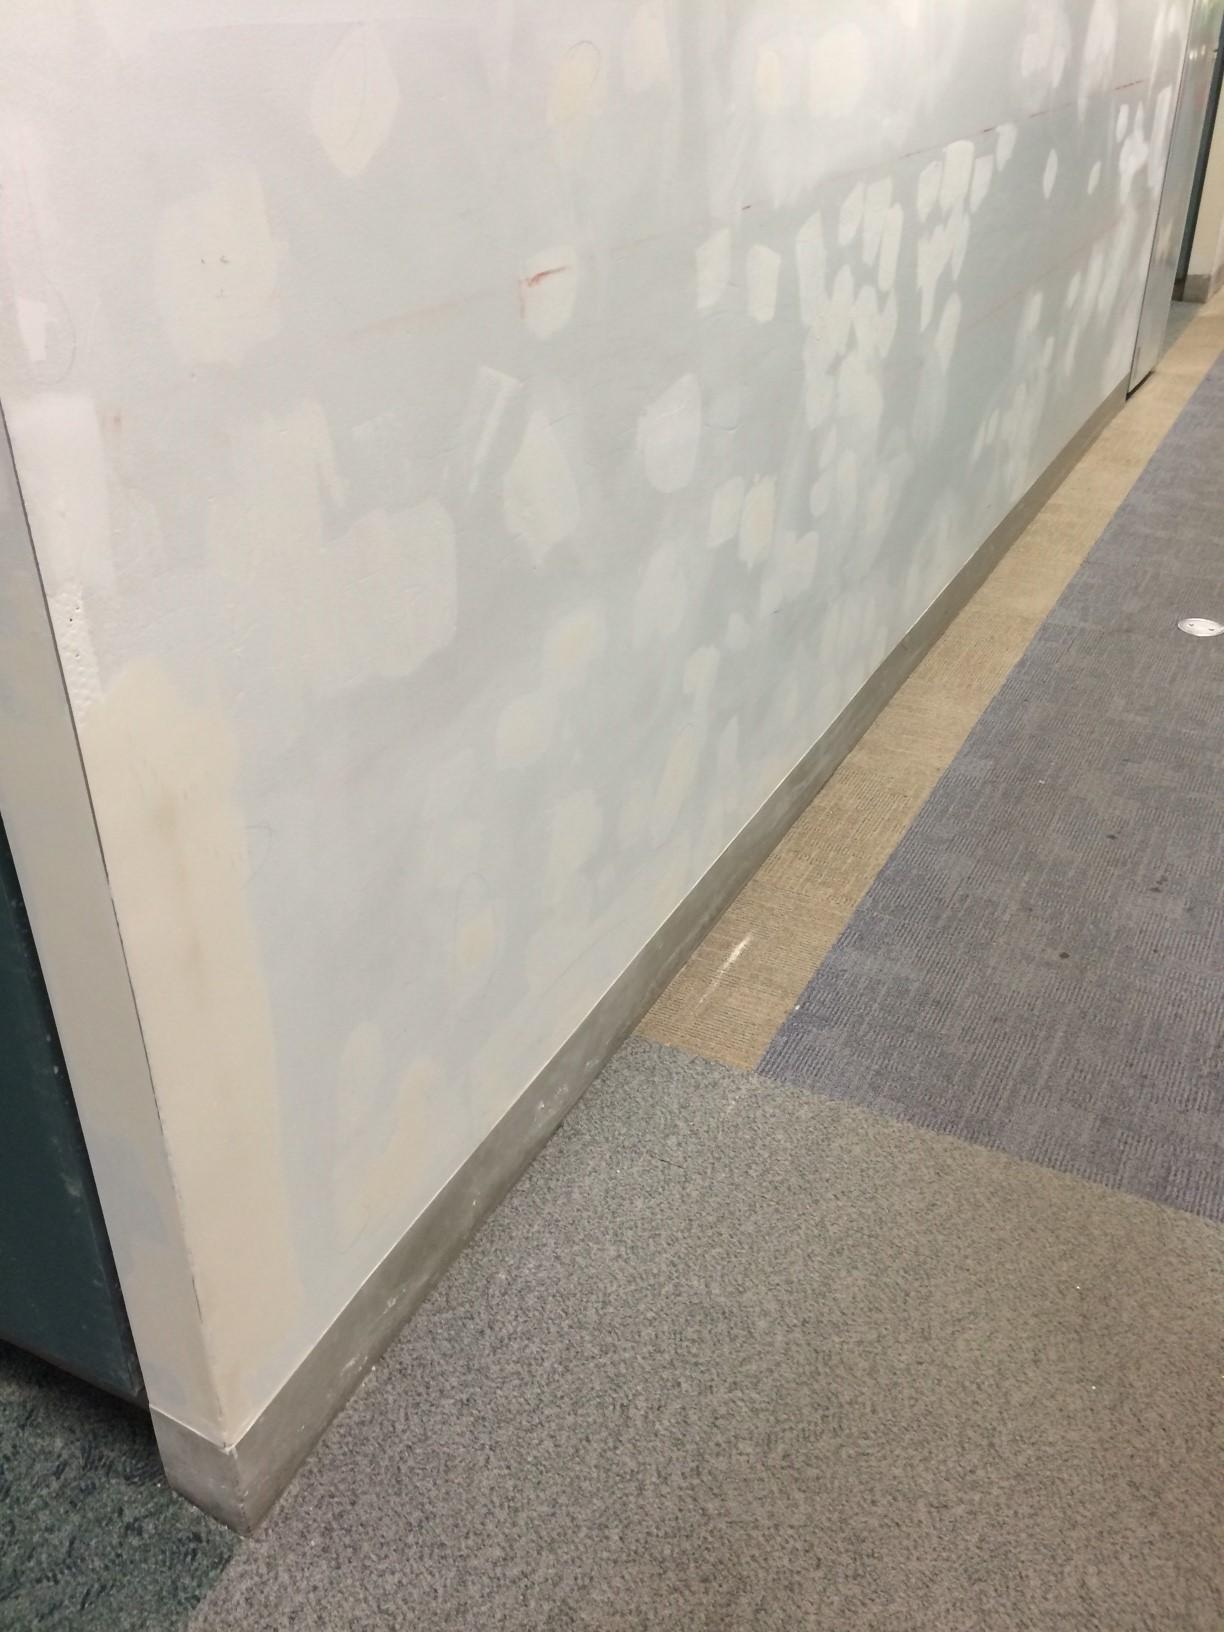 Mackay Police Station Repair